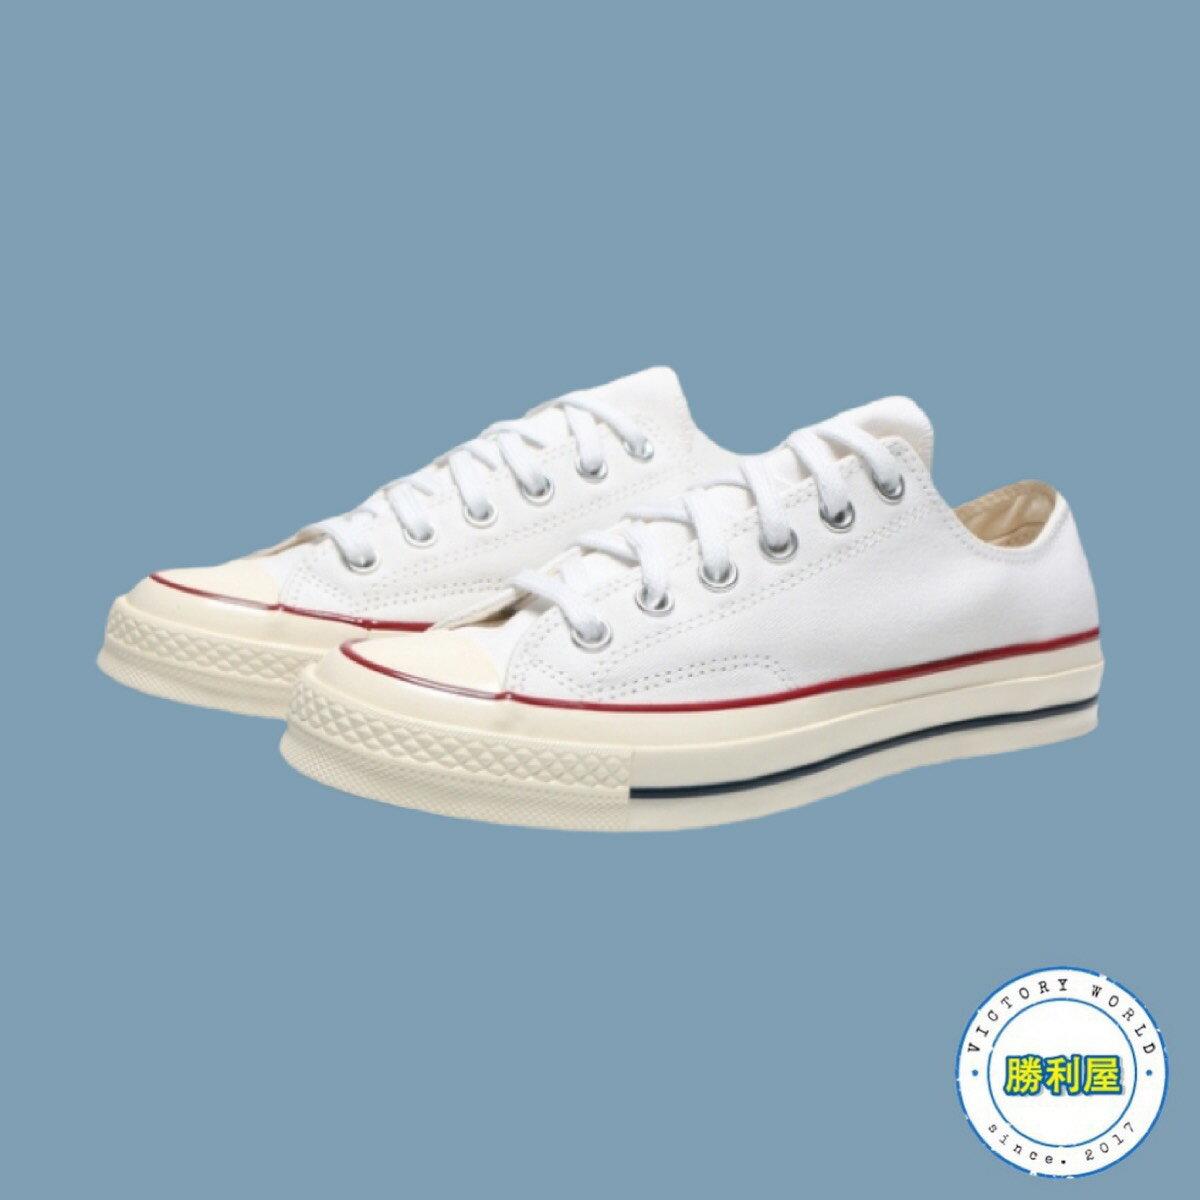 【滿額↘現折$200】Converse Chuck 70s All Star 男鞋 女鞋 休閒鞋 帆布鞋 低筒 白 全白 復古 1970 情侶鞋 經典款 168505C【勝利屋】